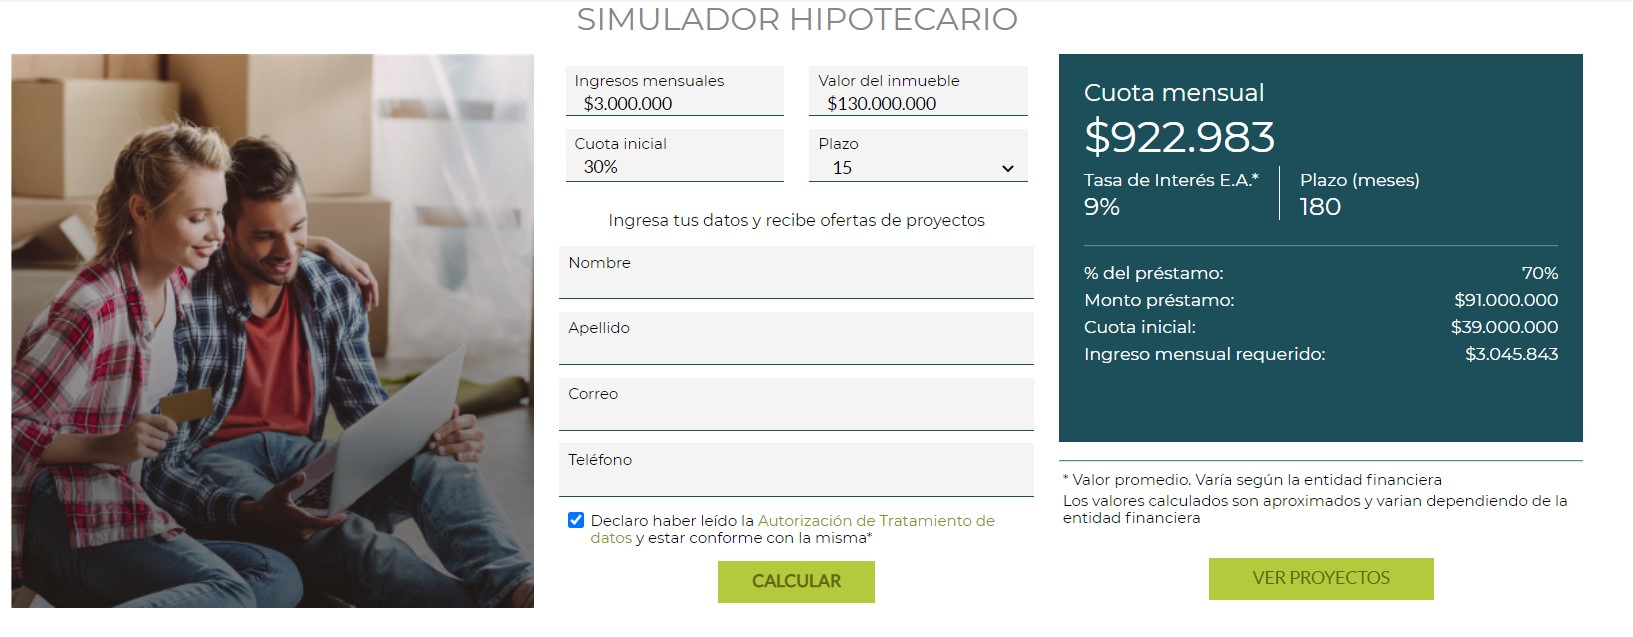 CONOCE COMO FUNCIONA EL SIMULADOR HIPOTECARIO